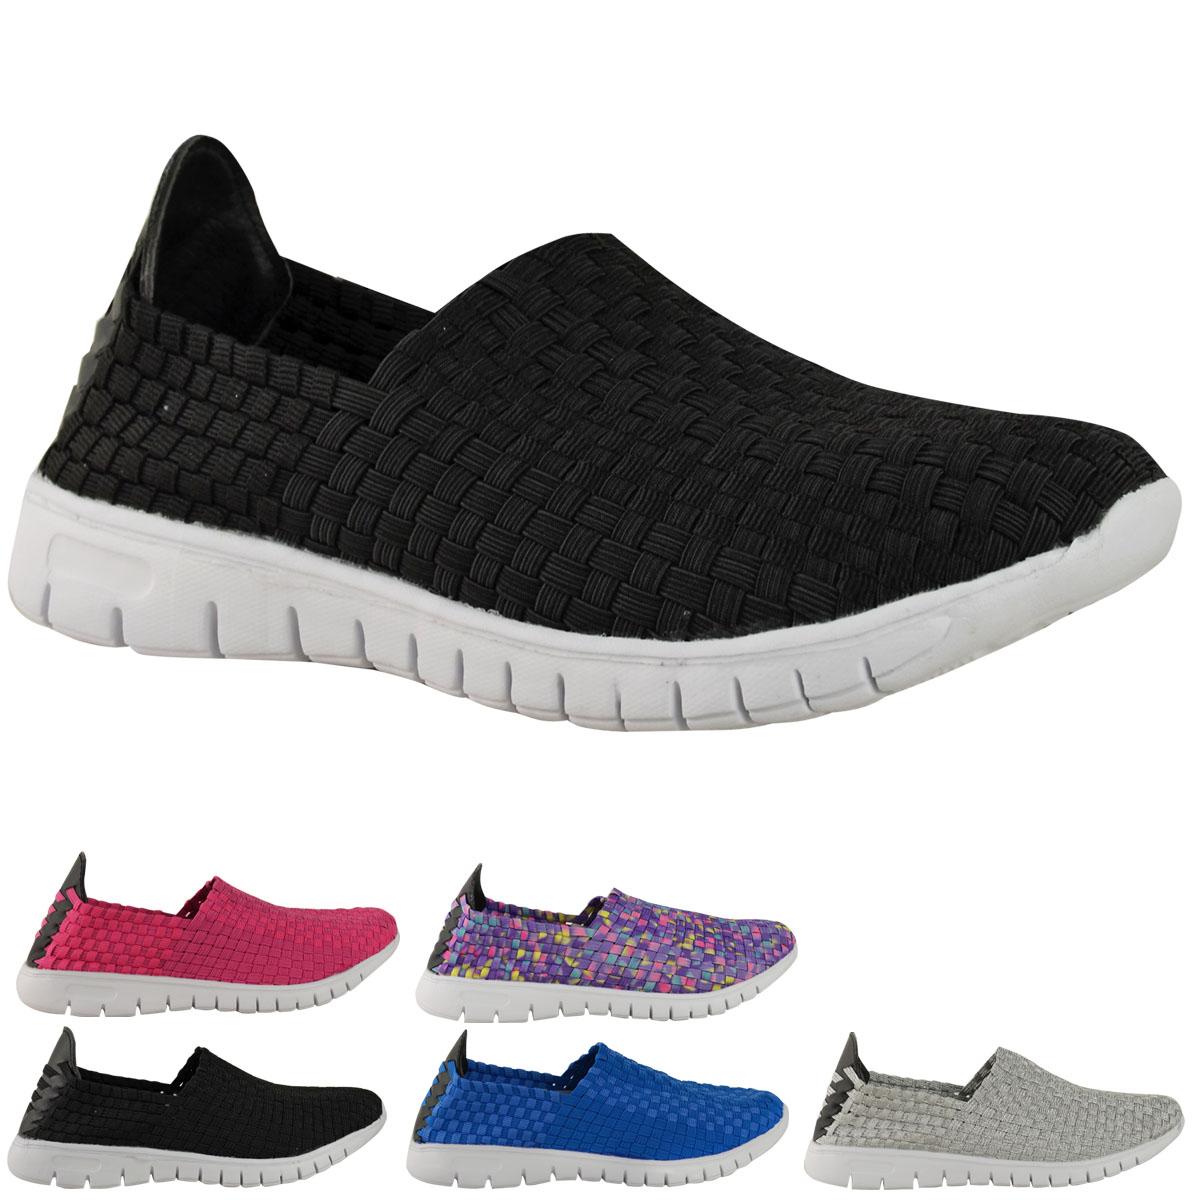 Women 's Go Walking Get Fit Trainers Sport Shoes Athletic Walk Shoes Sport Gym DEK, Color, Talla 37